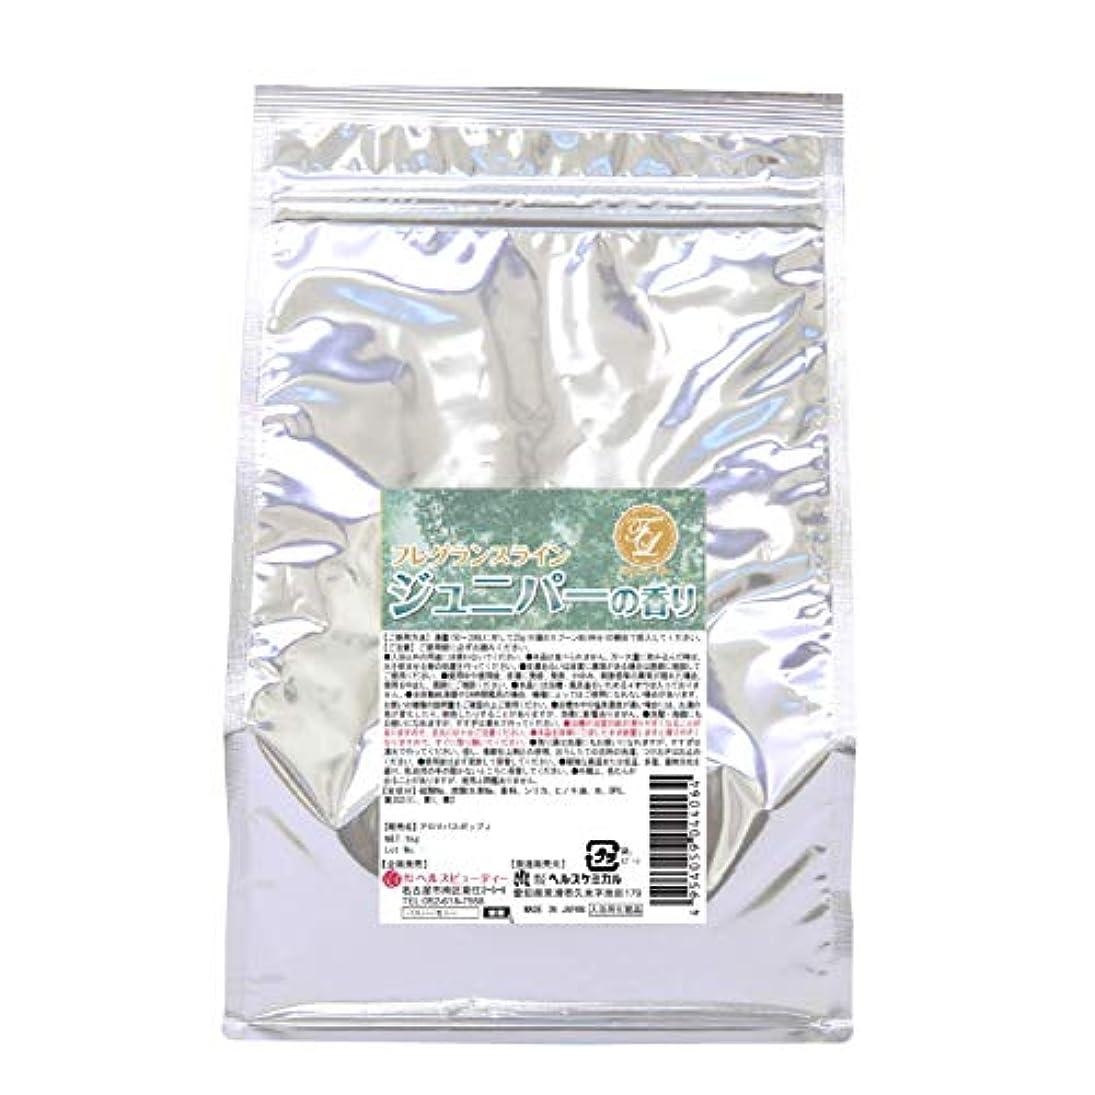 入浴剤 湯匠仕込 ジュニパーの香り 1kg 50回分 お徳用